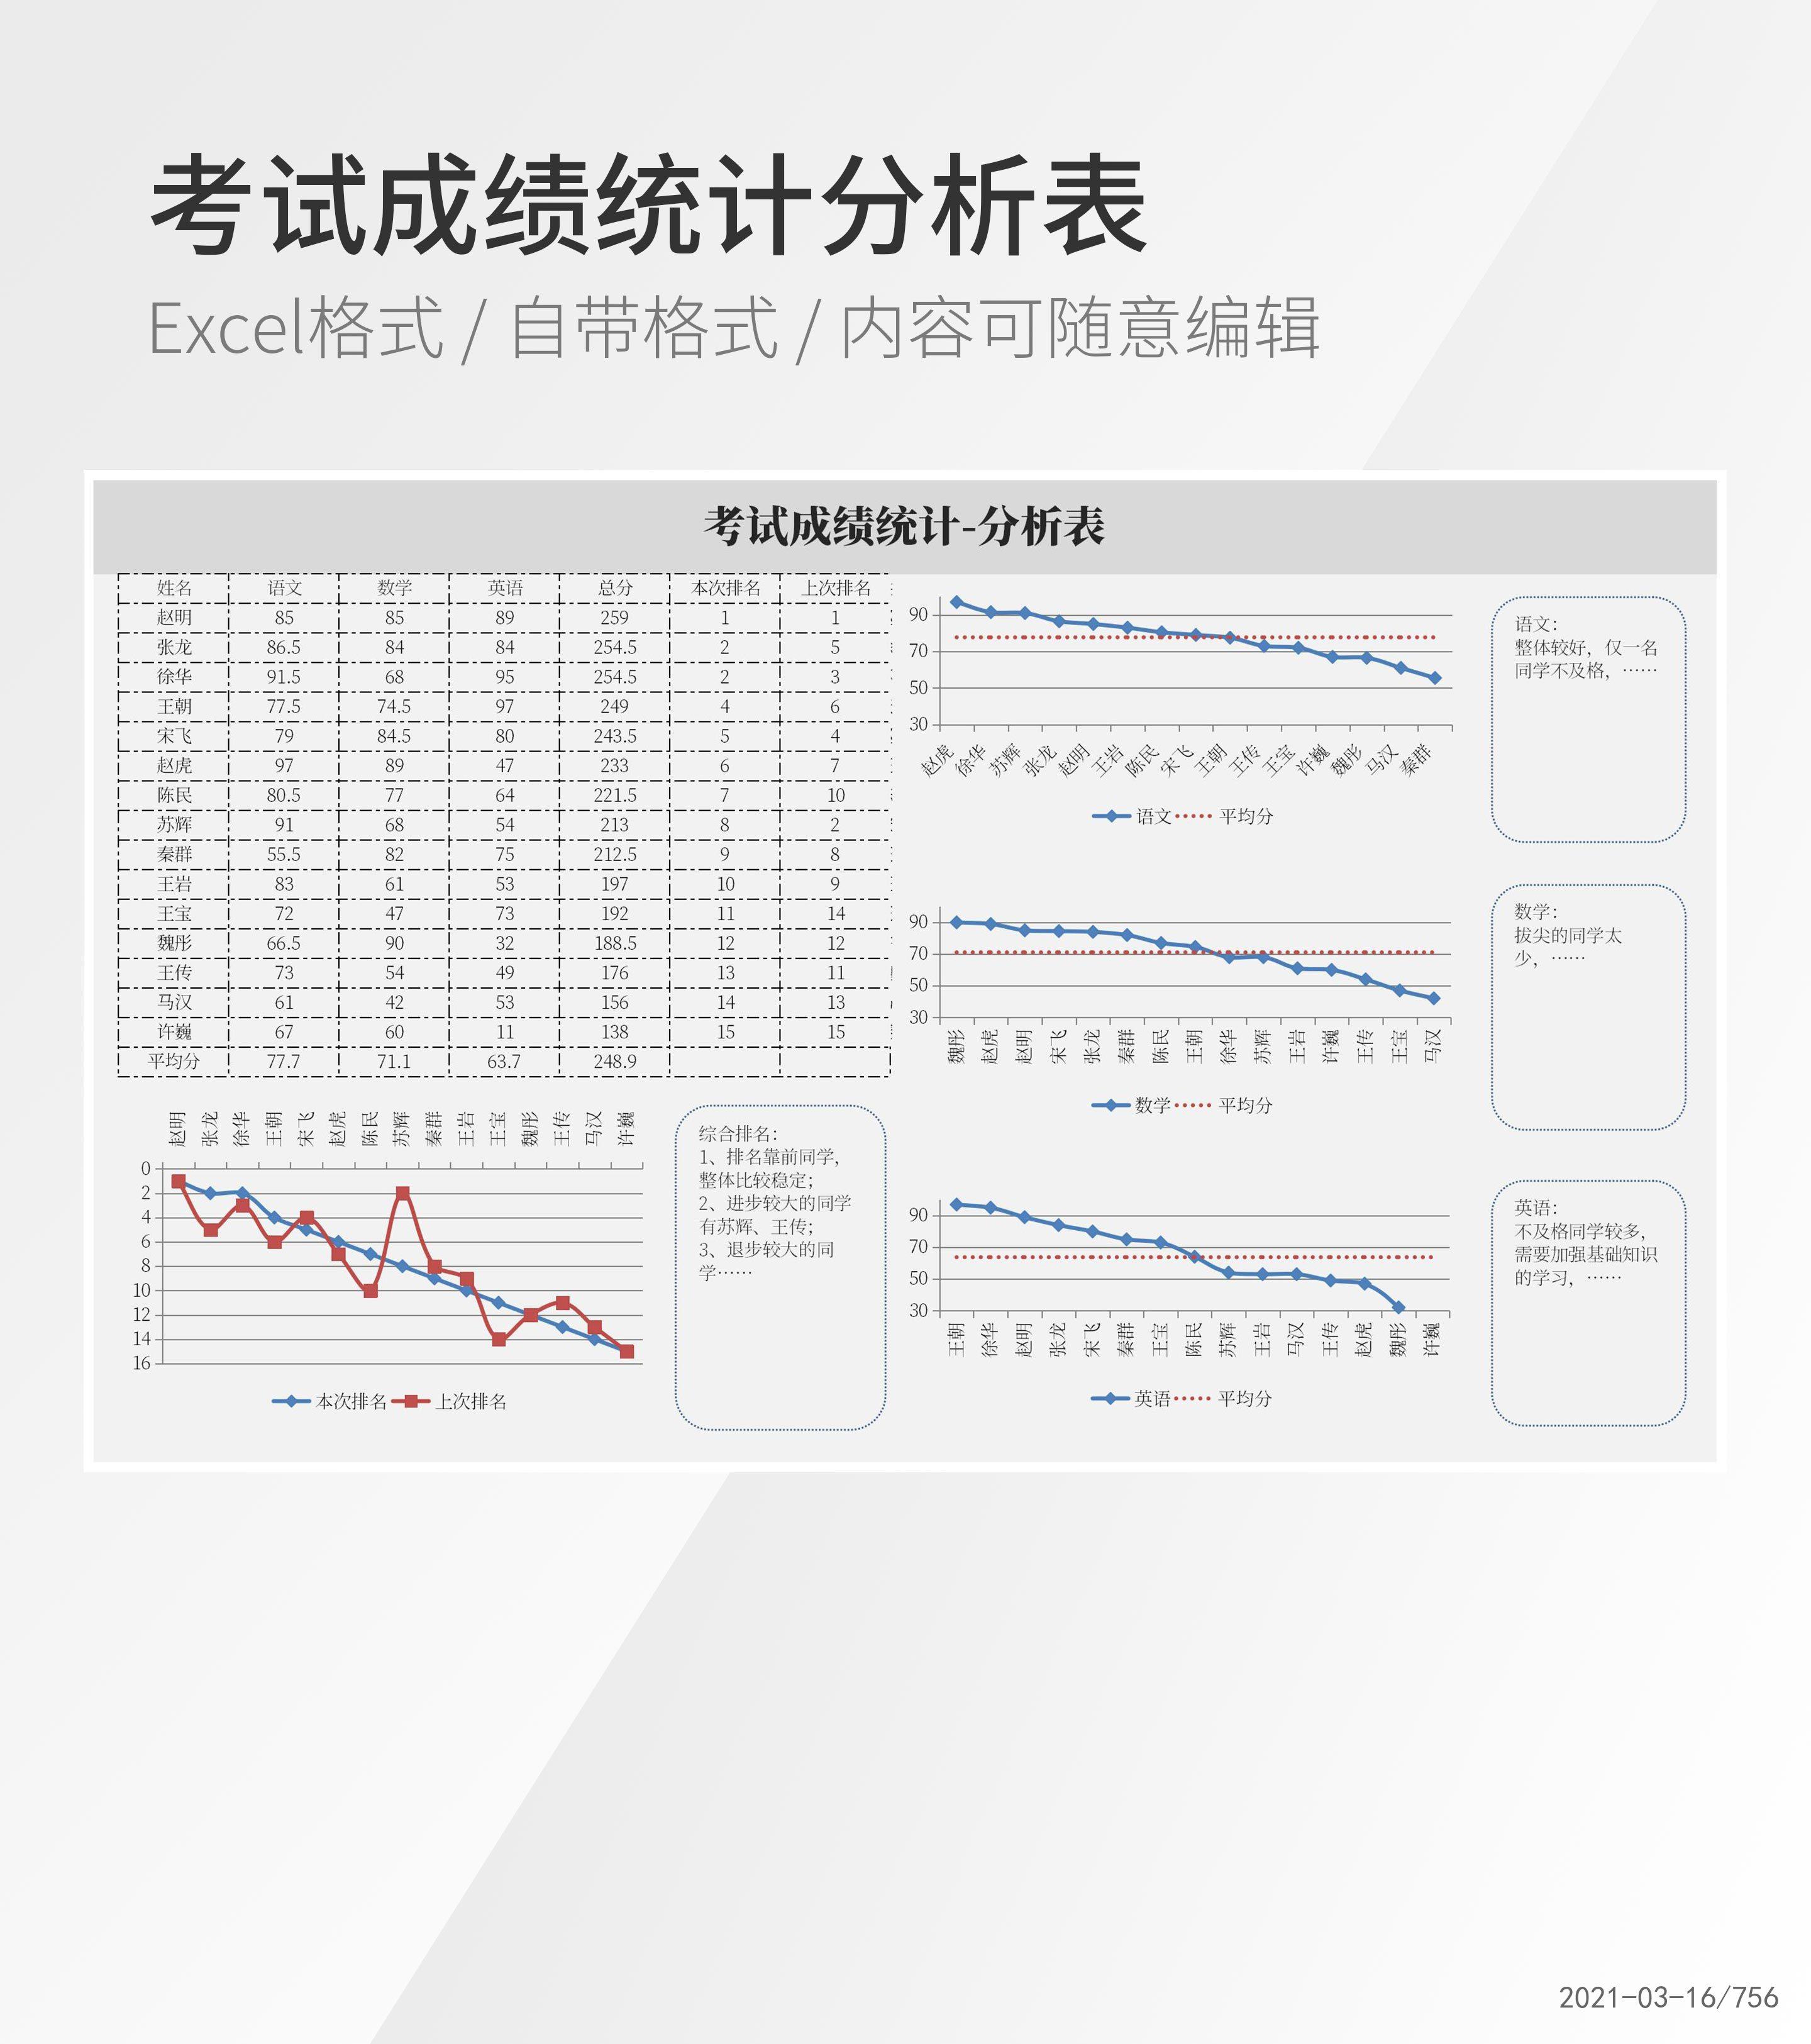 考试成绩统计分析表Excel模板